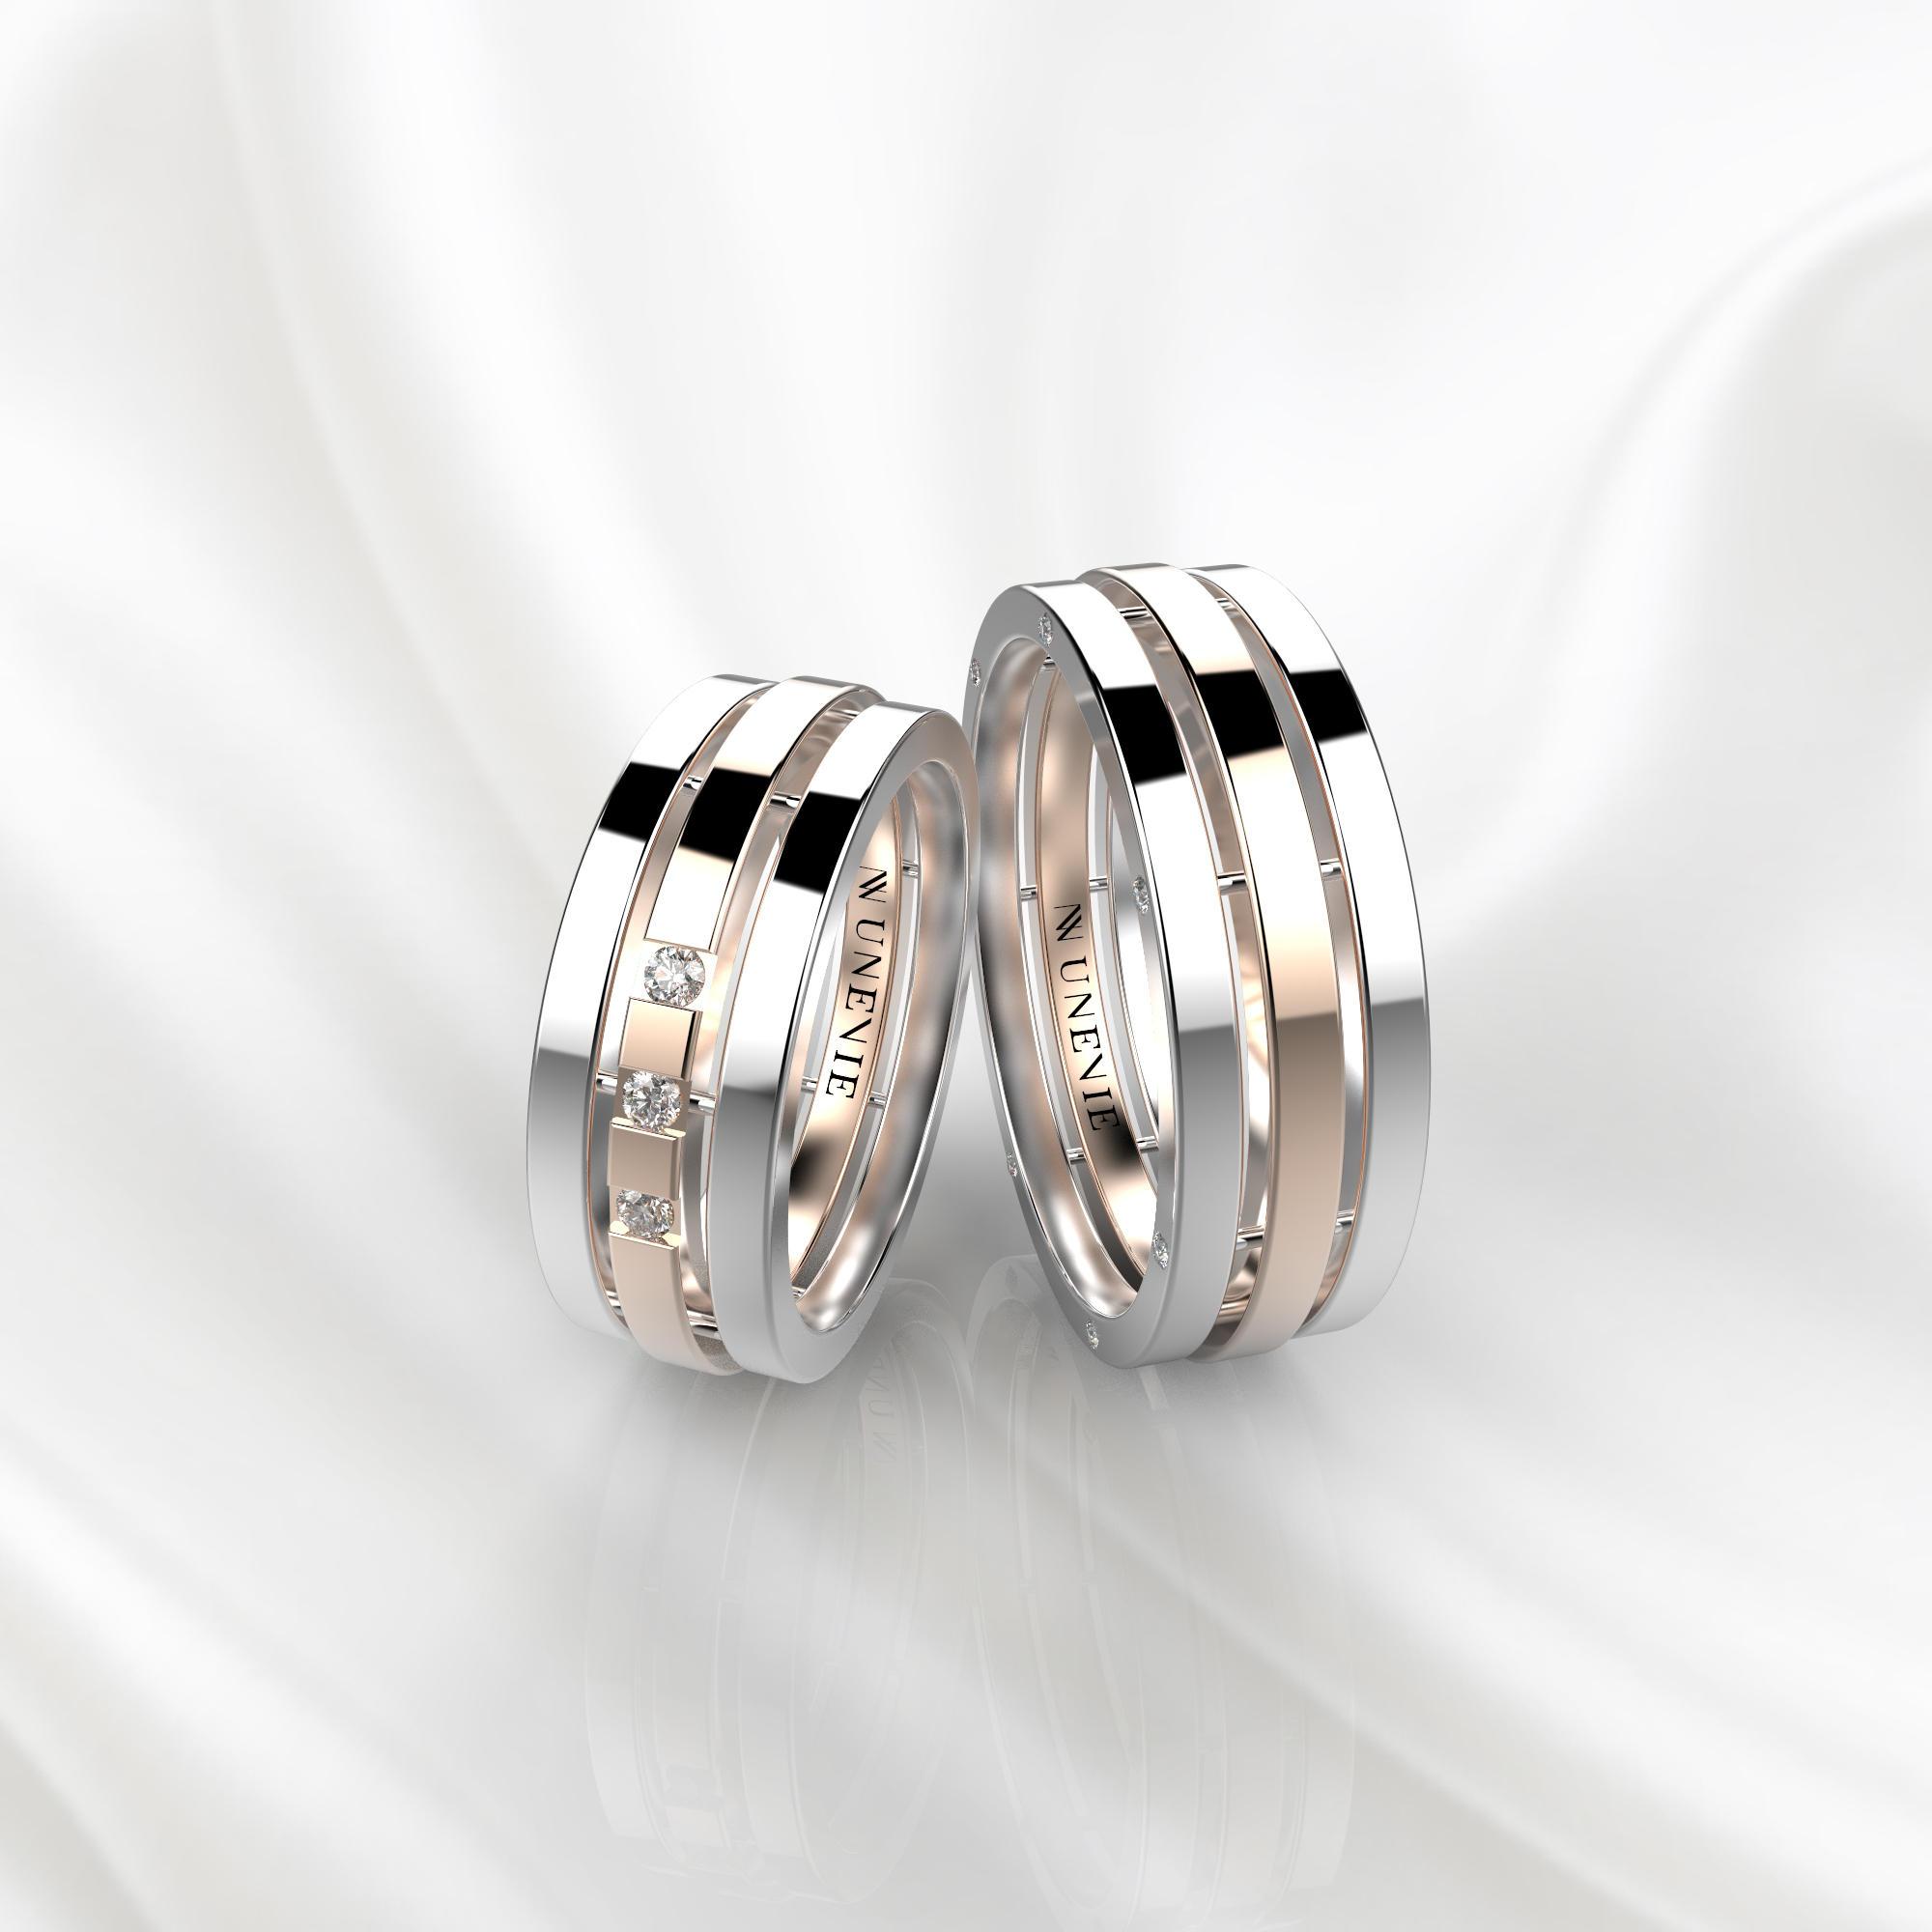 NV70 Парные обручальные кольца из бело-розового золота с бриллиантами